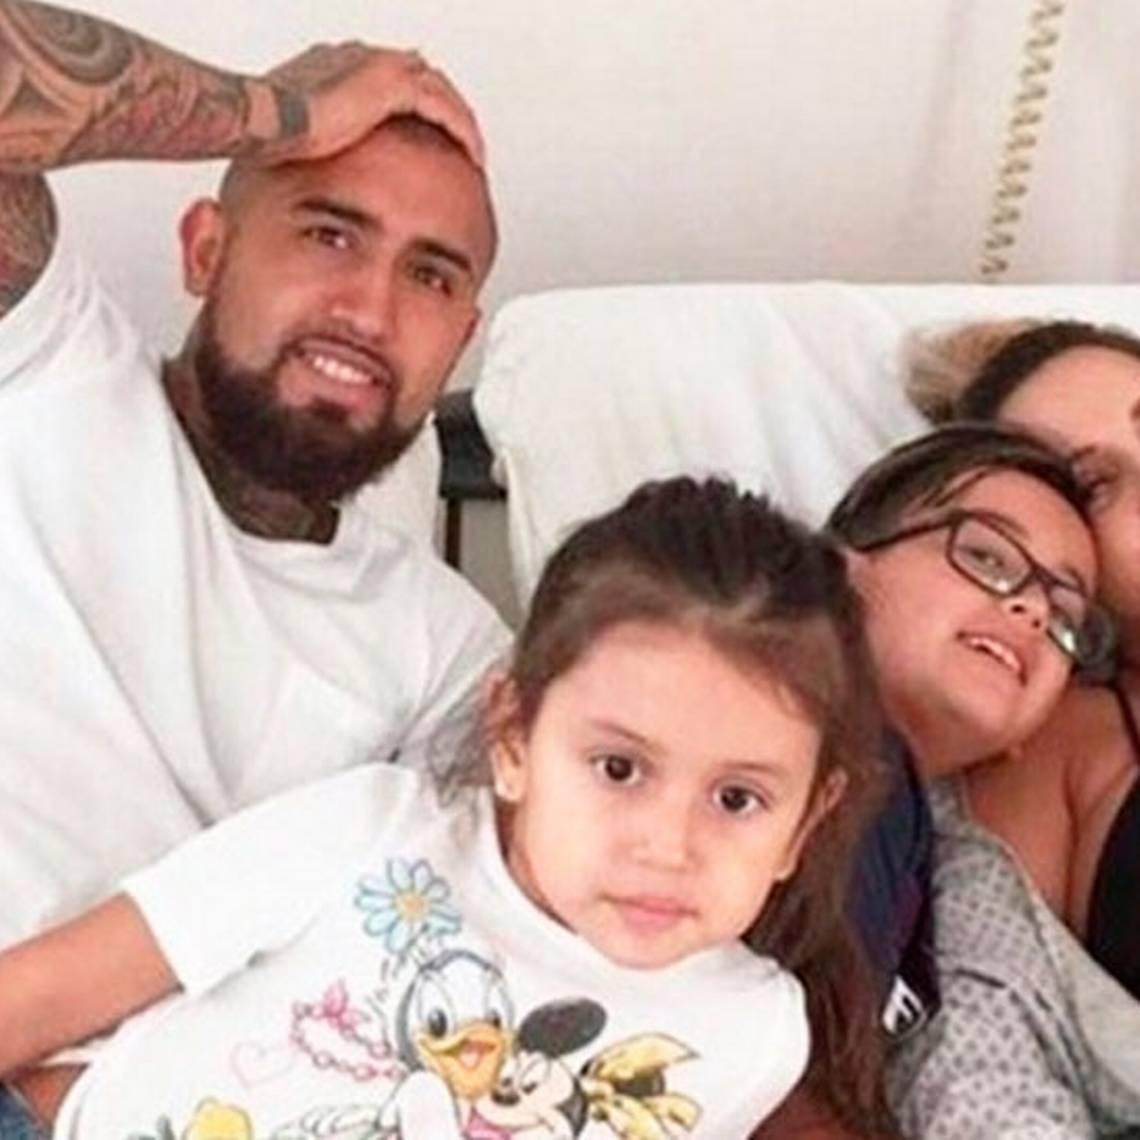 ¡Ídolo! Arturo Vidal comparte tierna fotografía junto a su familia